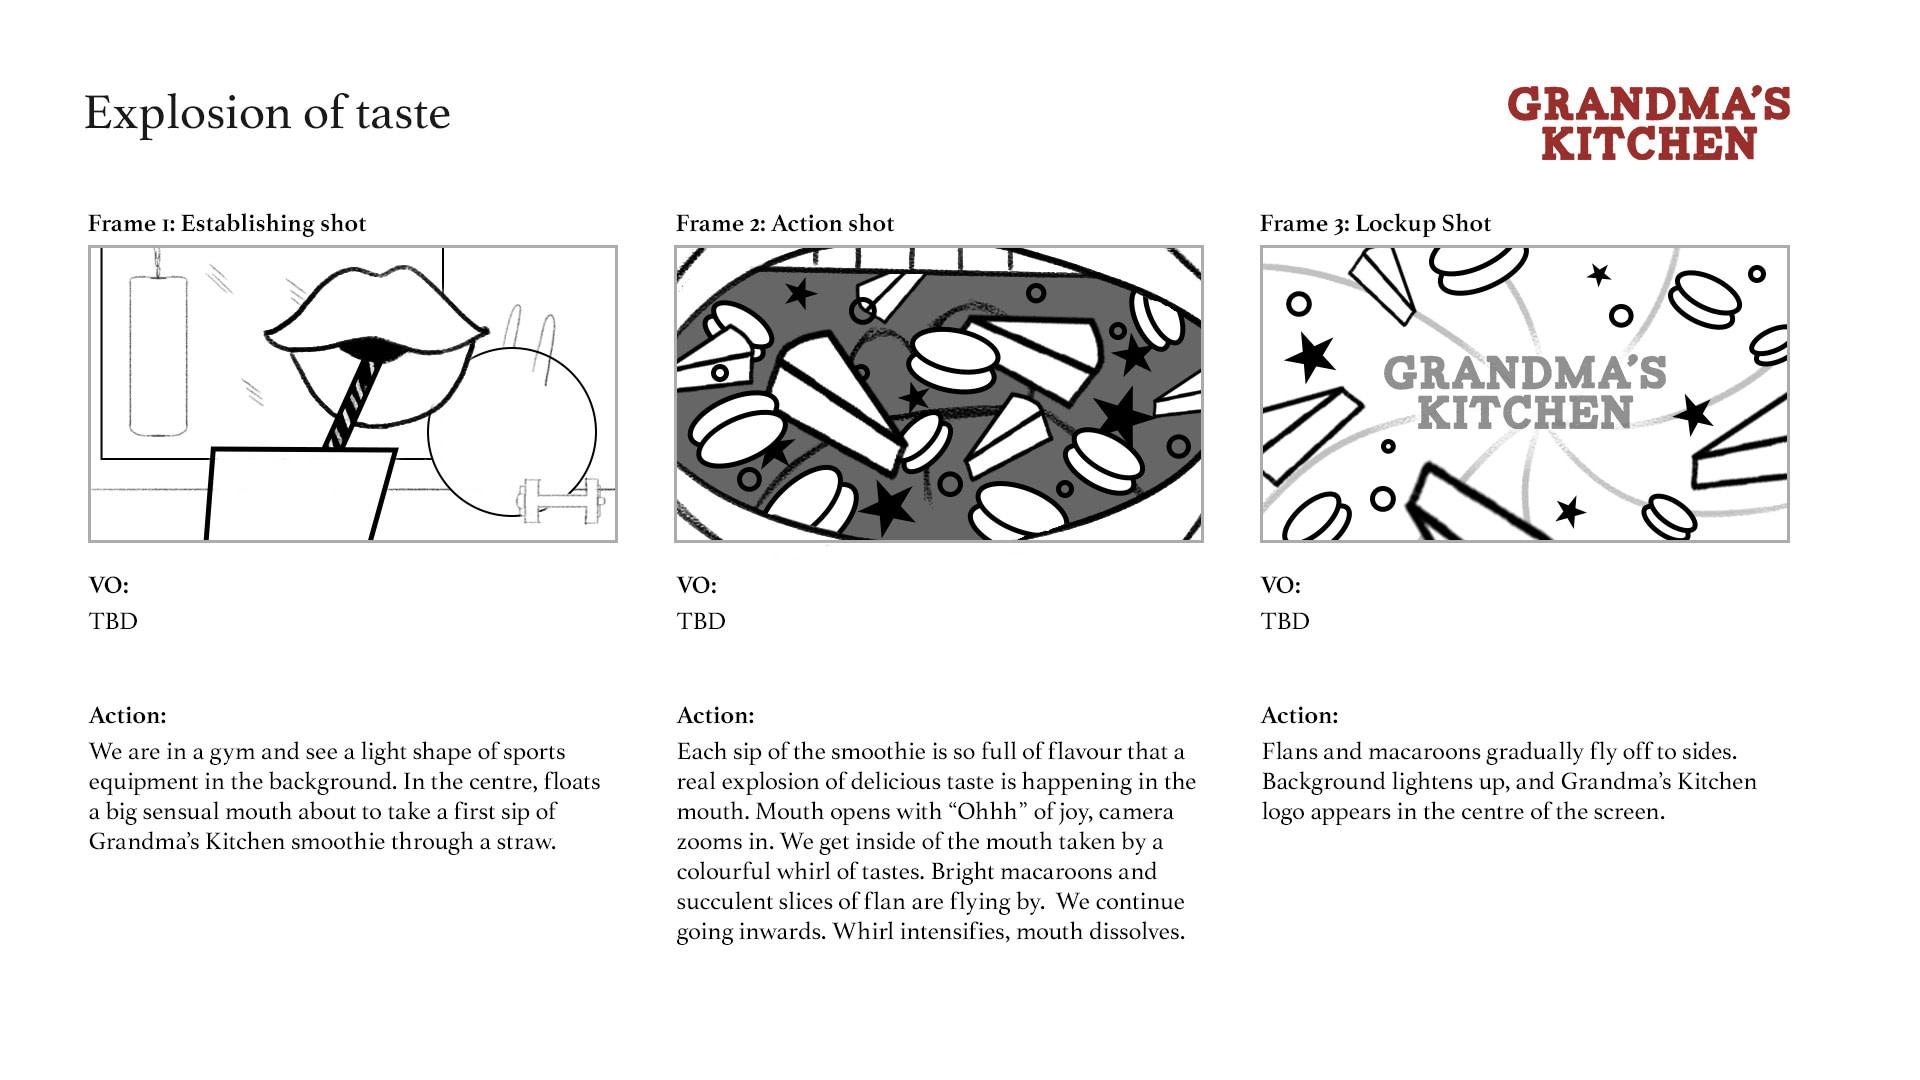 Grandma's Kitchen - Script and sketch